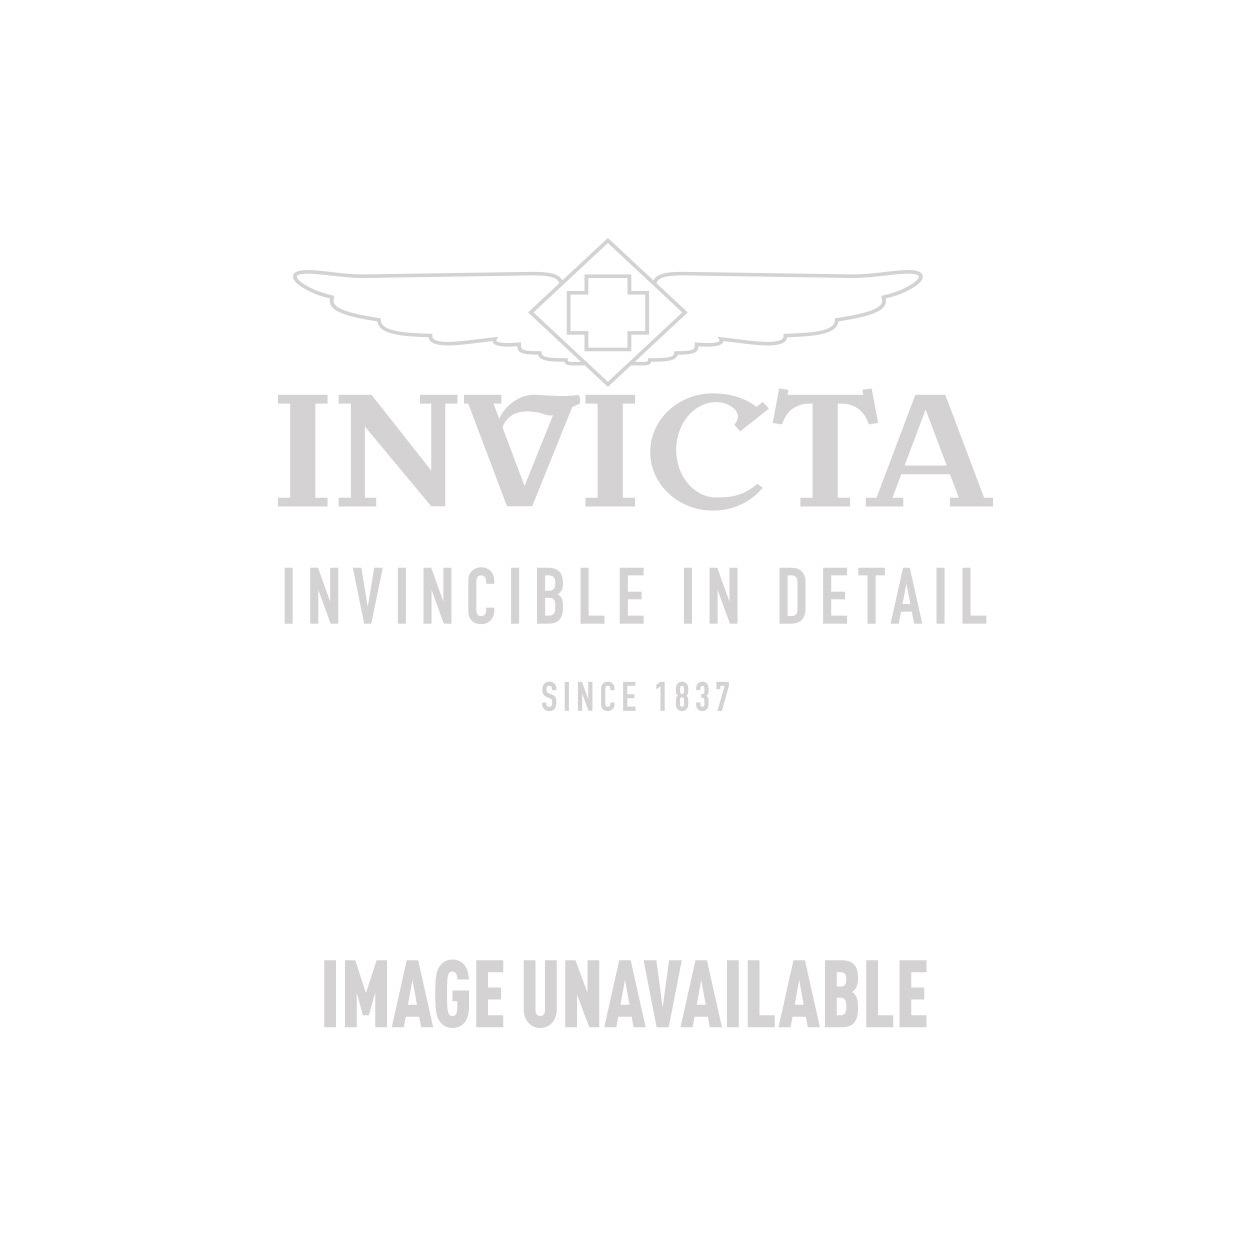 Invicta Model 25332